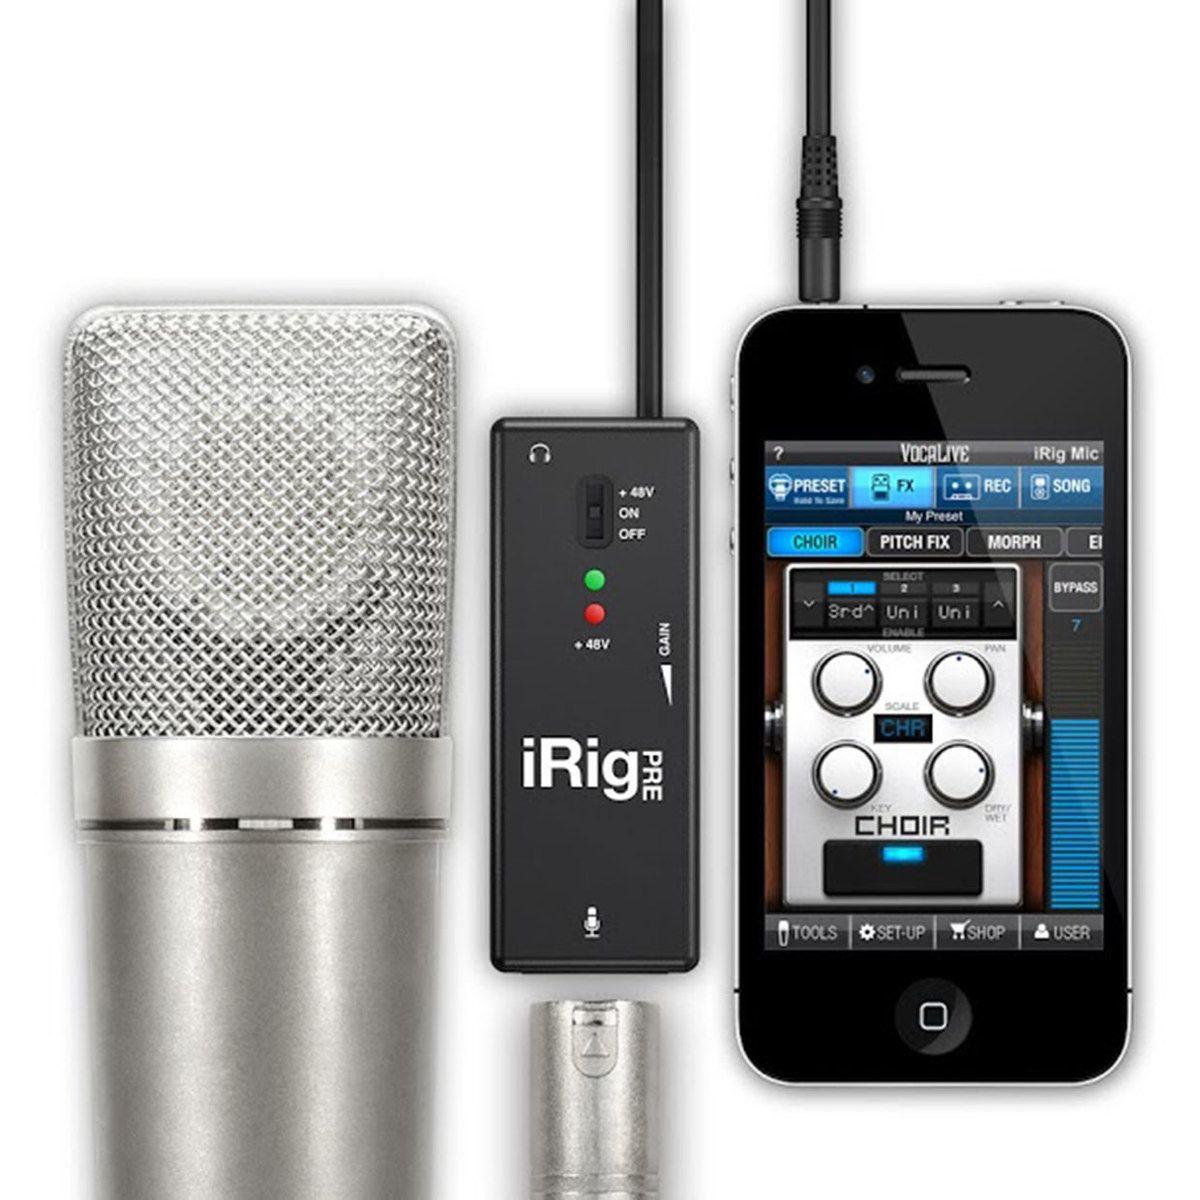 iRig Pre Irig, Microphone, Iphone